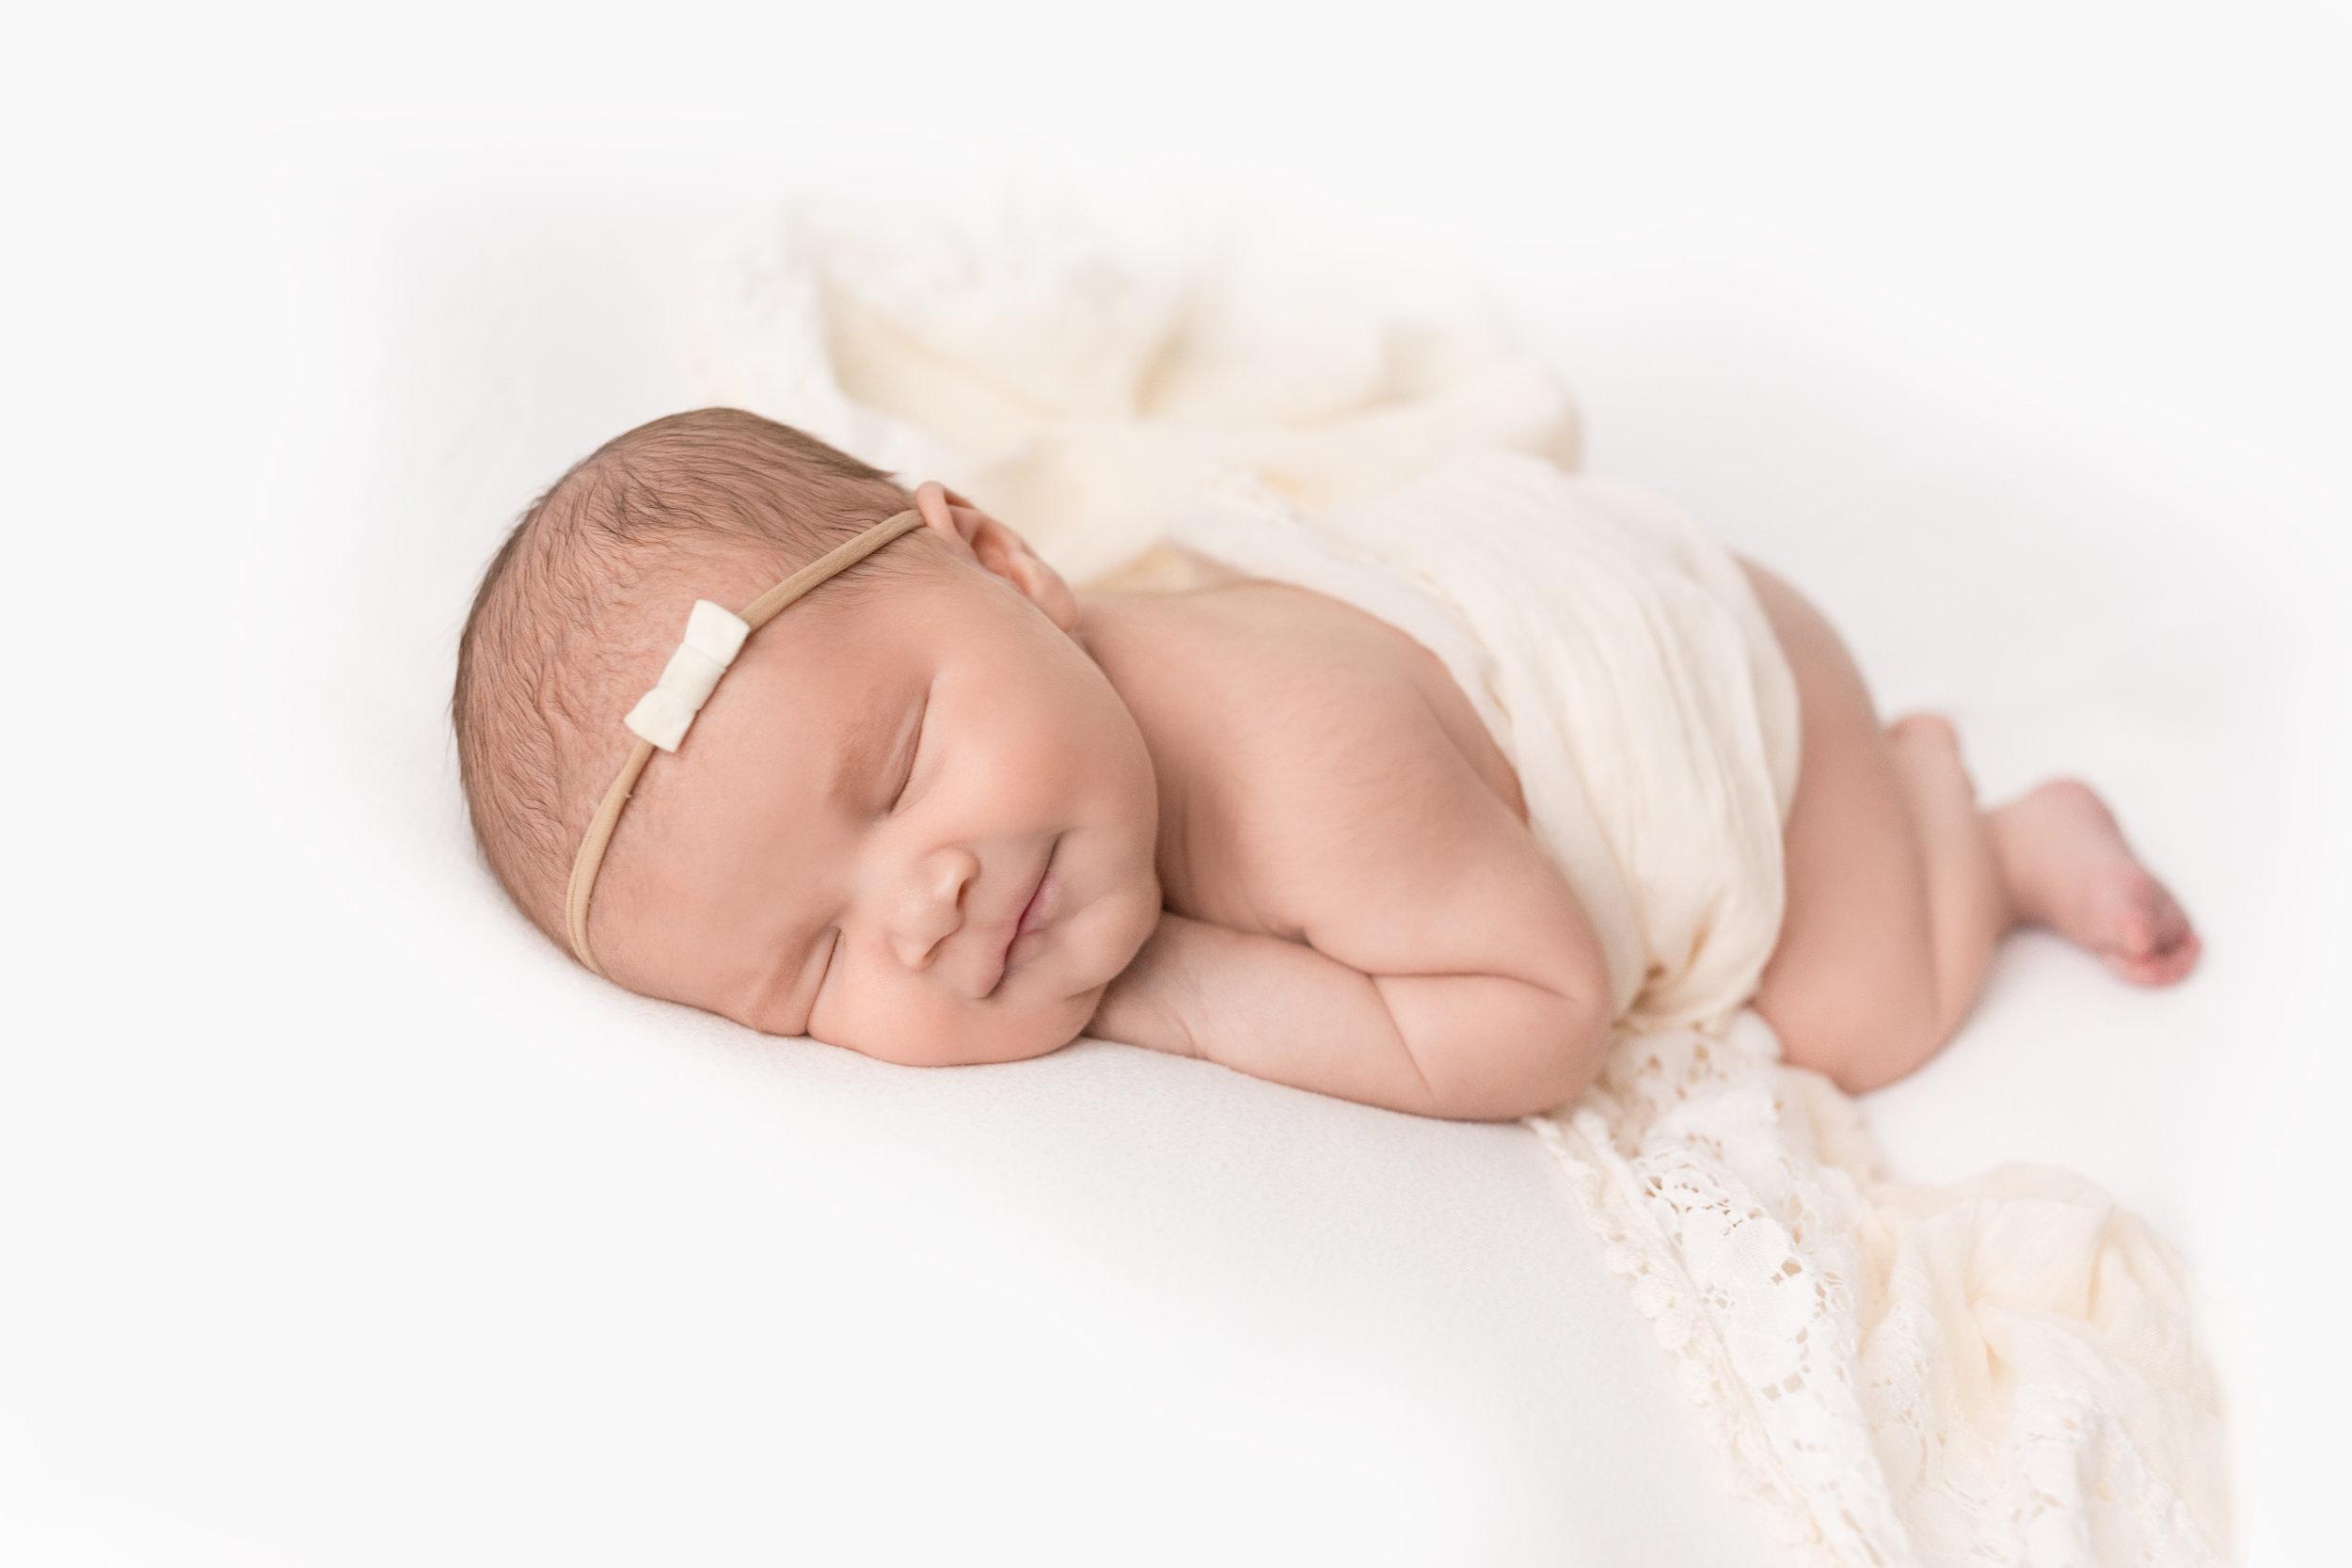 Austen s Newborn Photos-Austen-0019.jpg